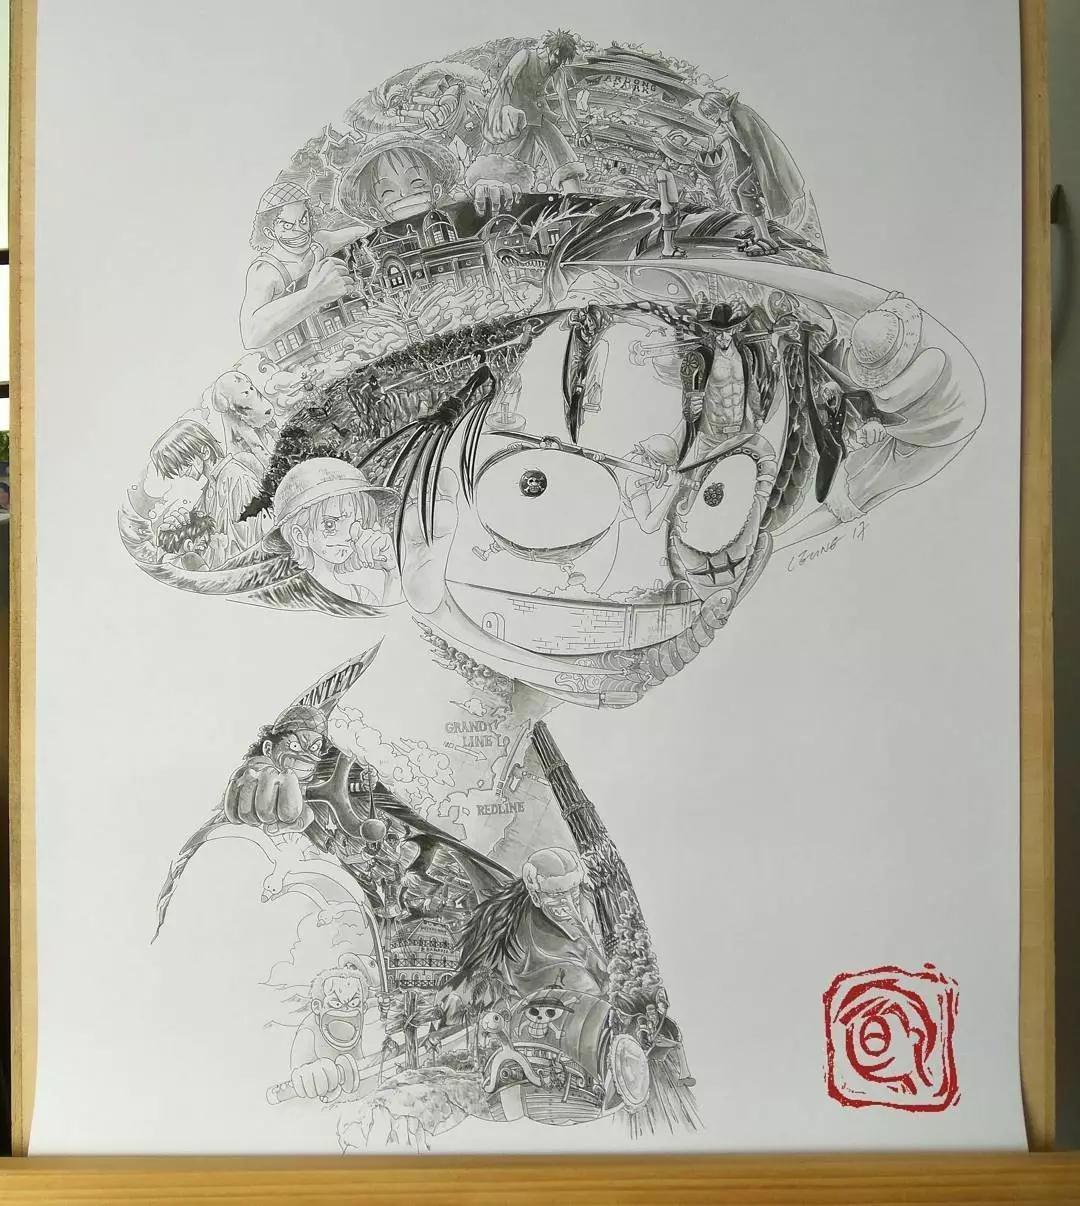 看看人家的画中画,一幅画里隐藏着数以千幅画,太太太意外了图片